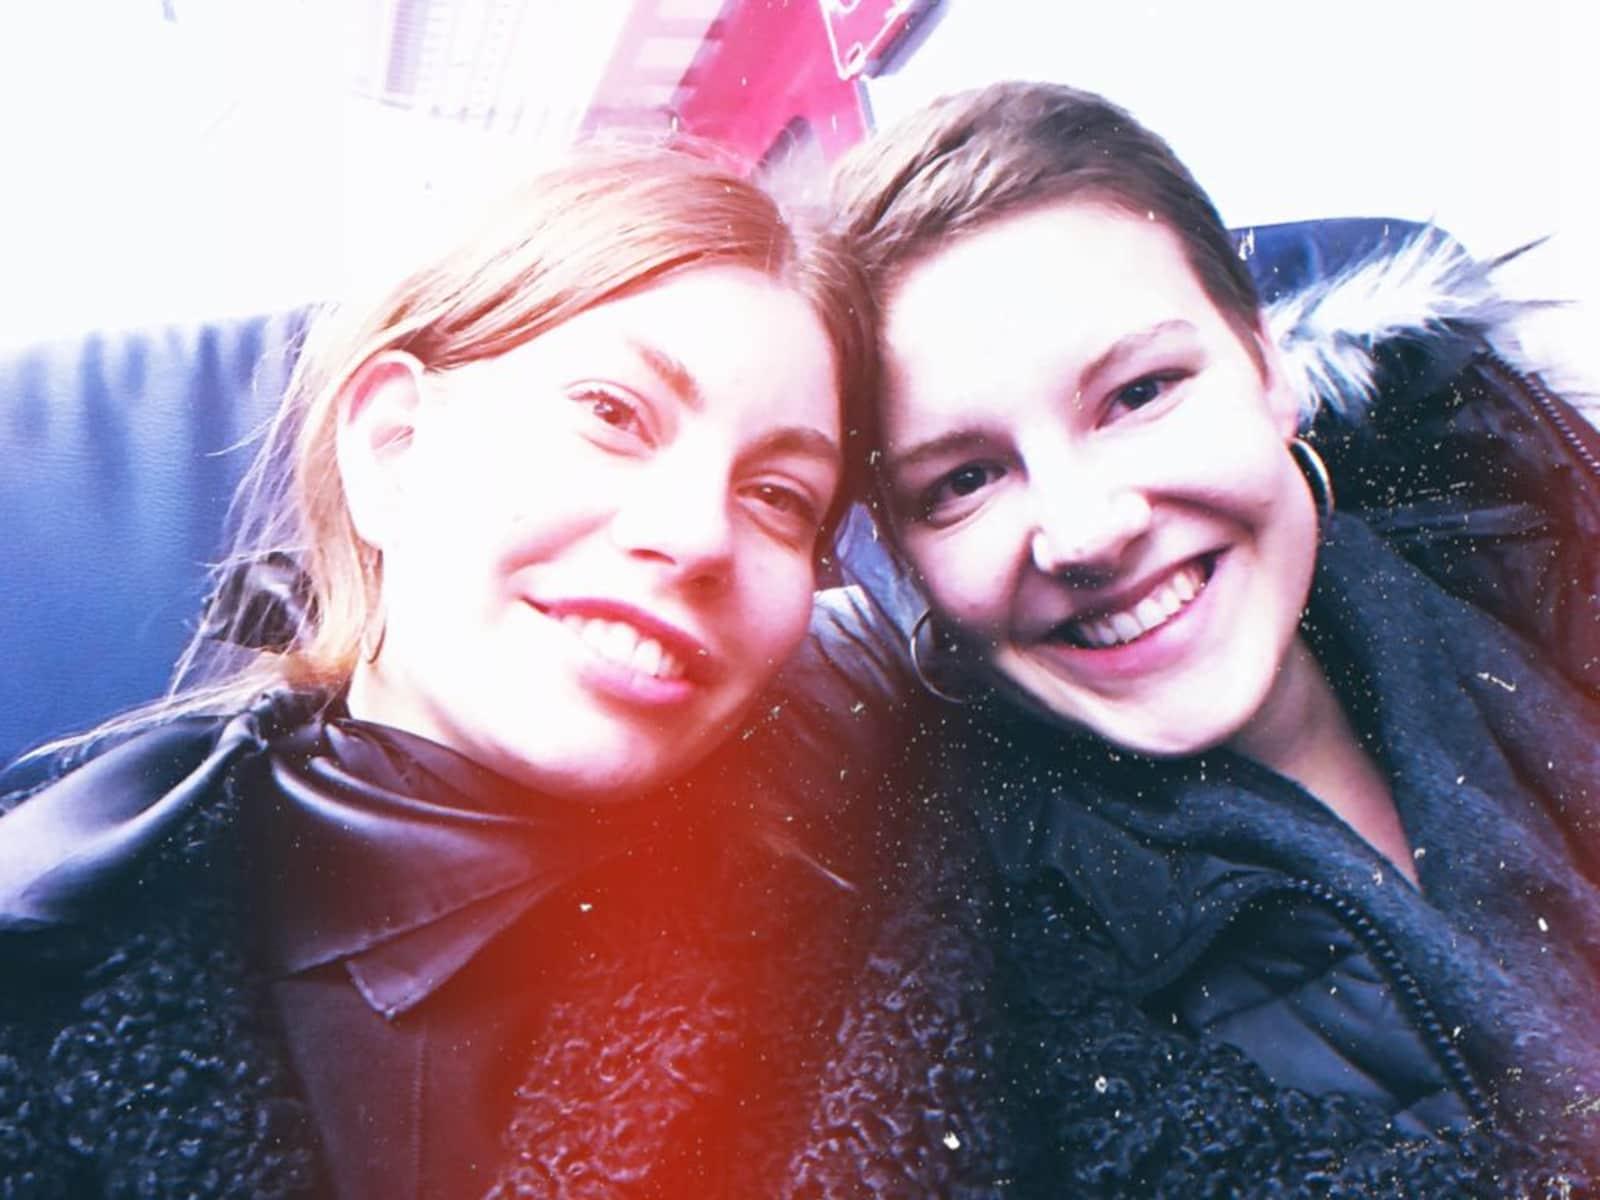 Jana & Jule from Copenhagen, Denmark